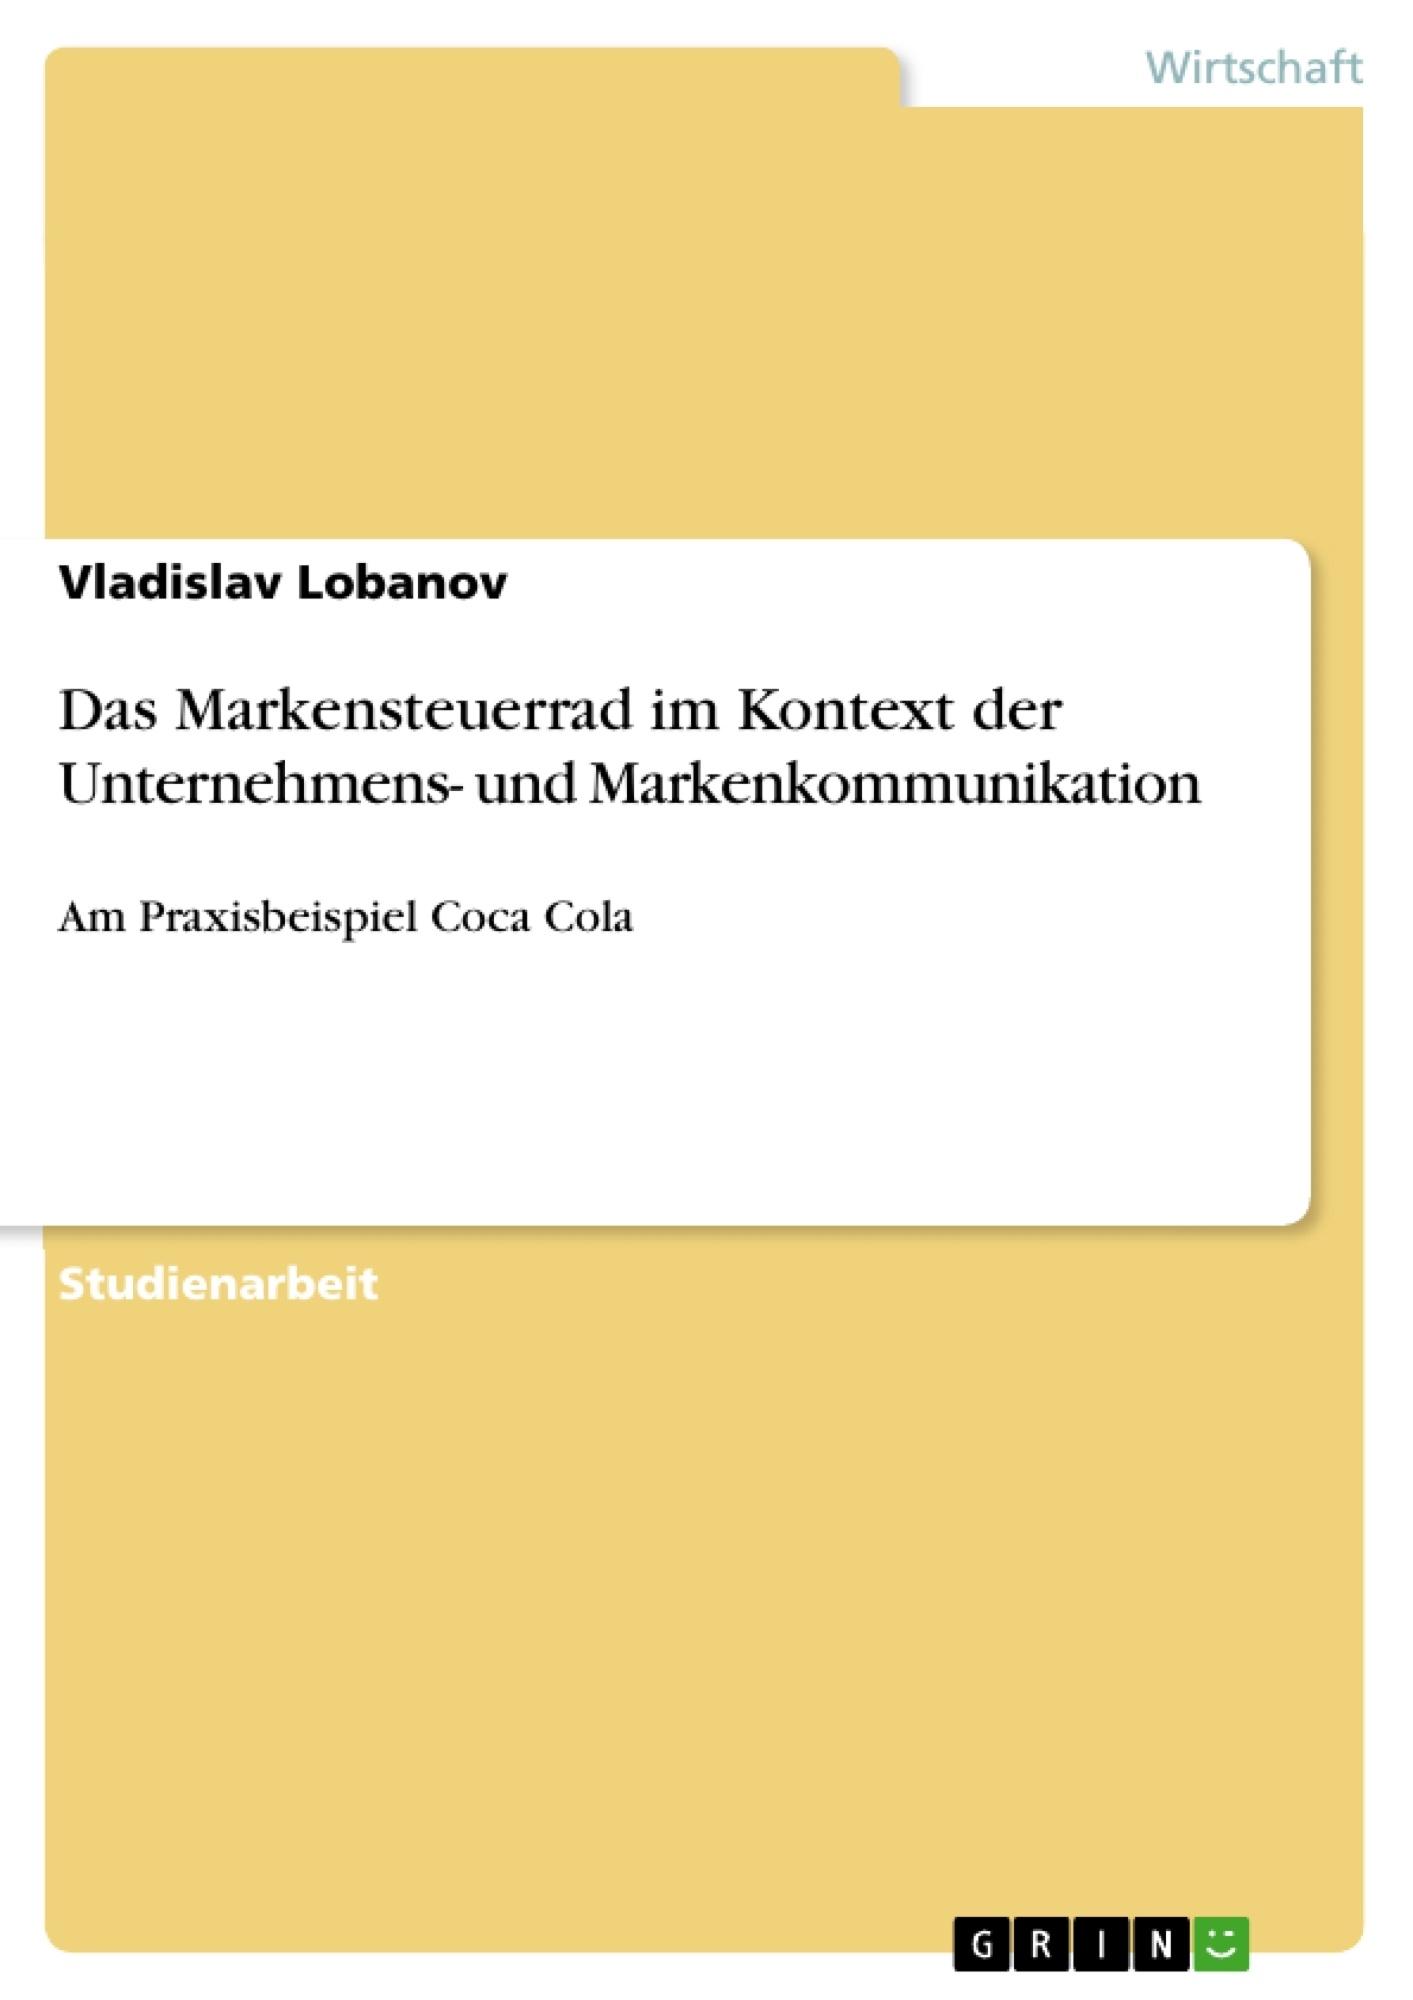 Titel: Das Markensteuerrad im Kontext der Unternehmens- und Markenkommunikation